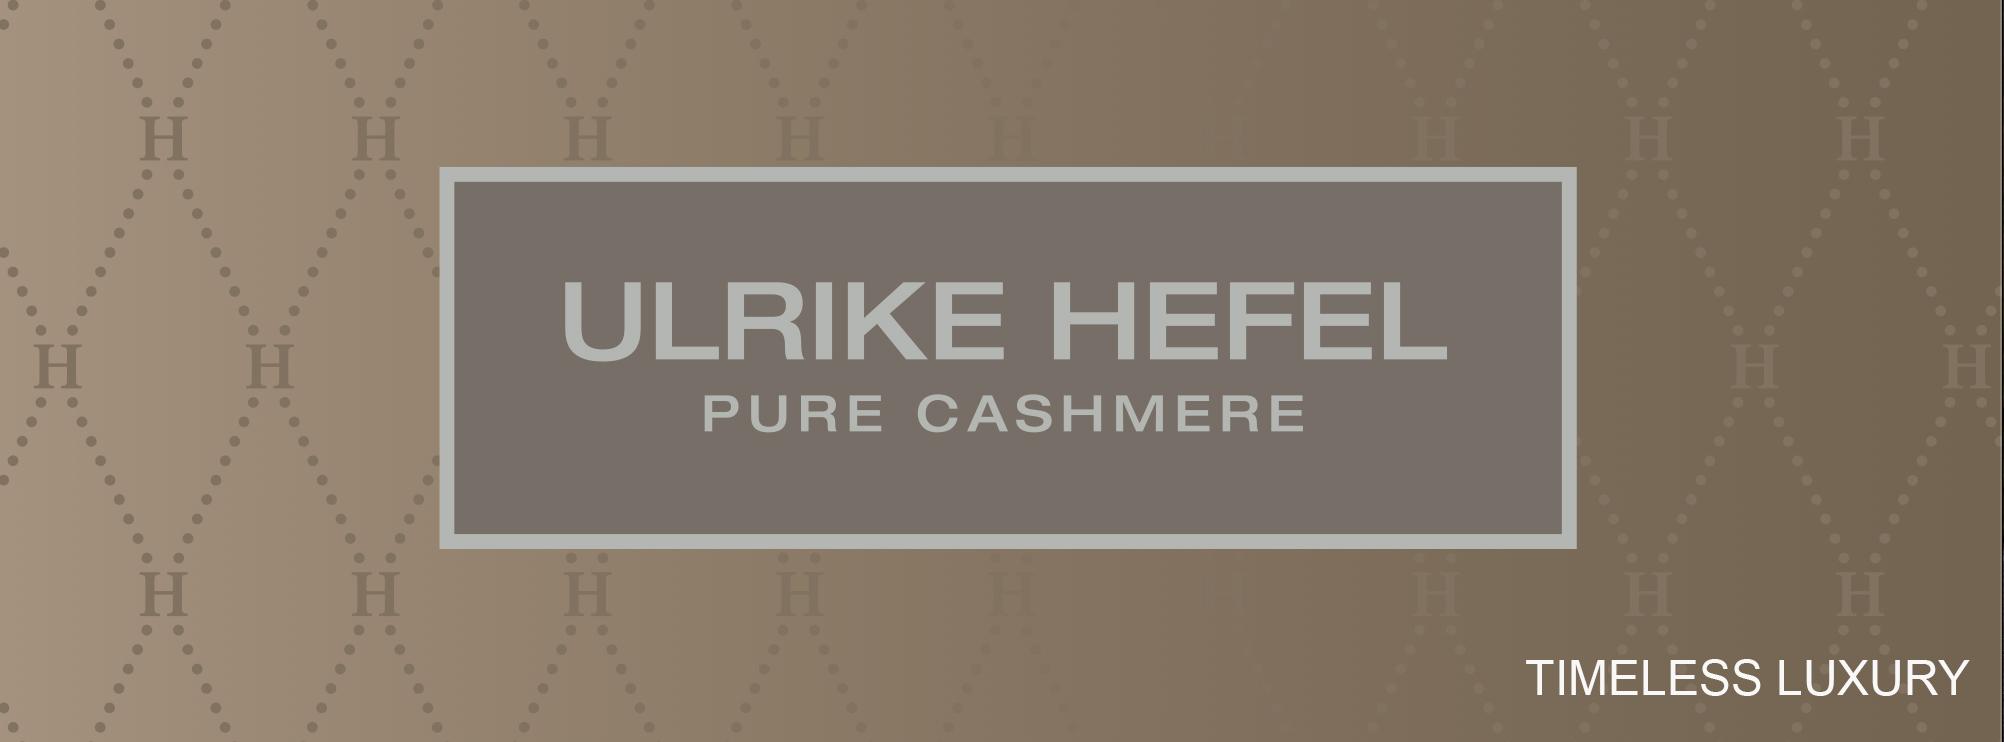 Ulrike Hefel logga